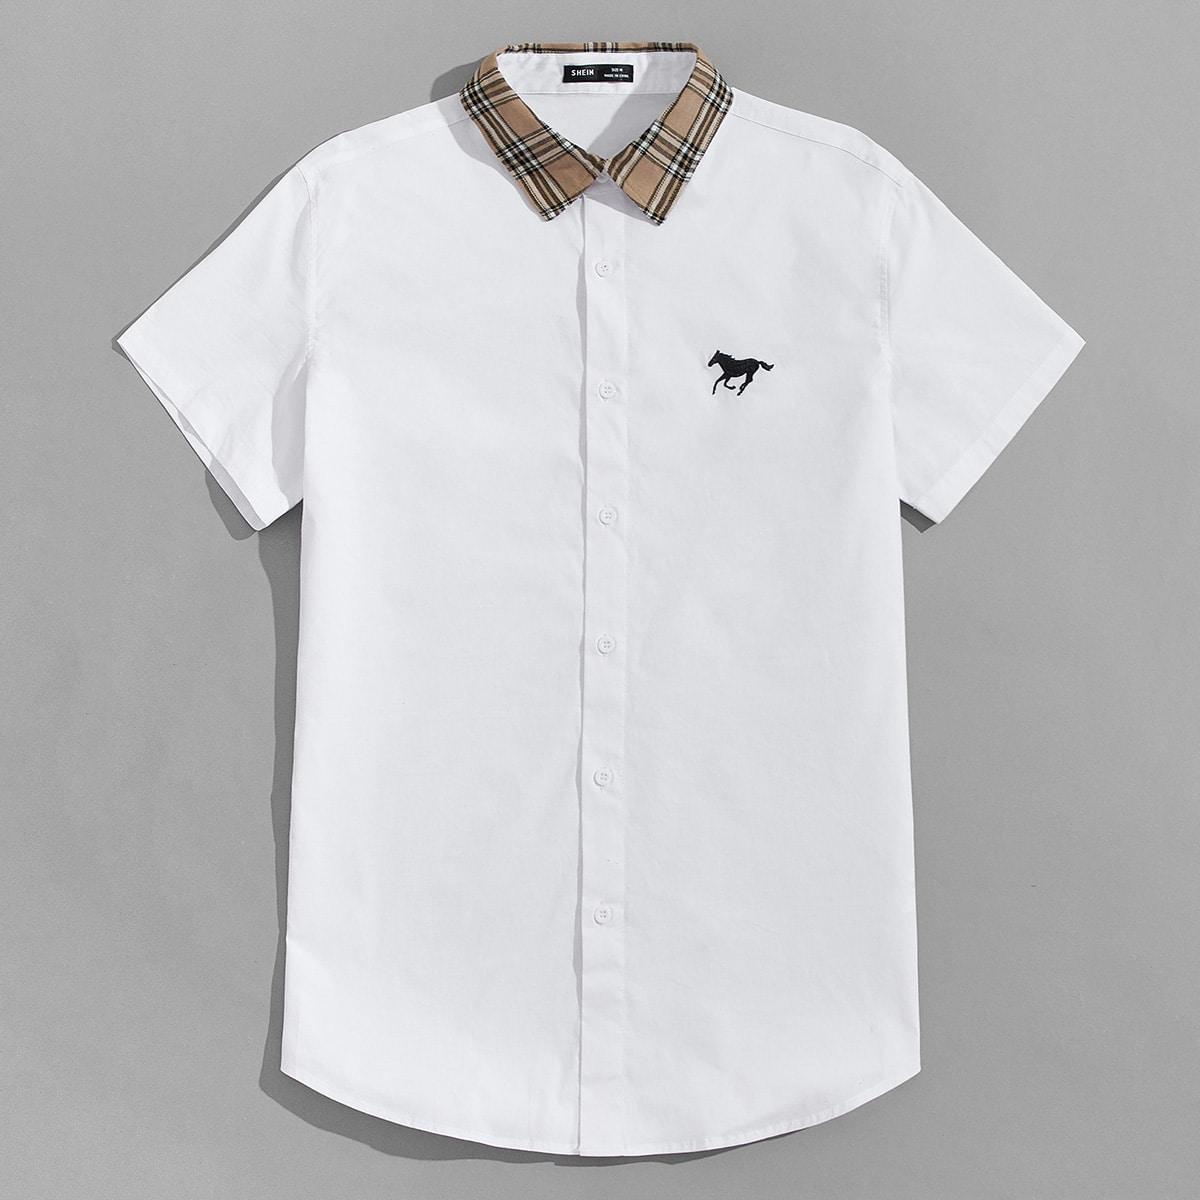 Мужская рубашка с вышивкой лошади